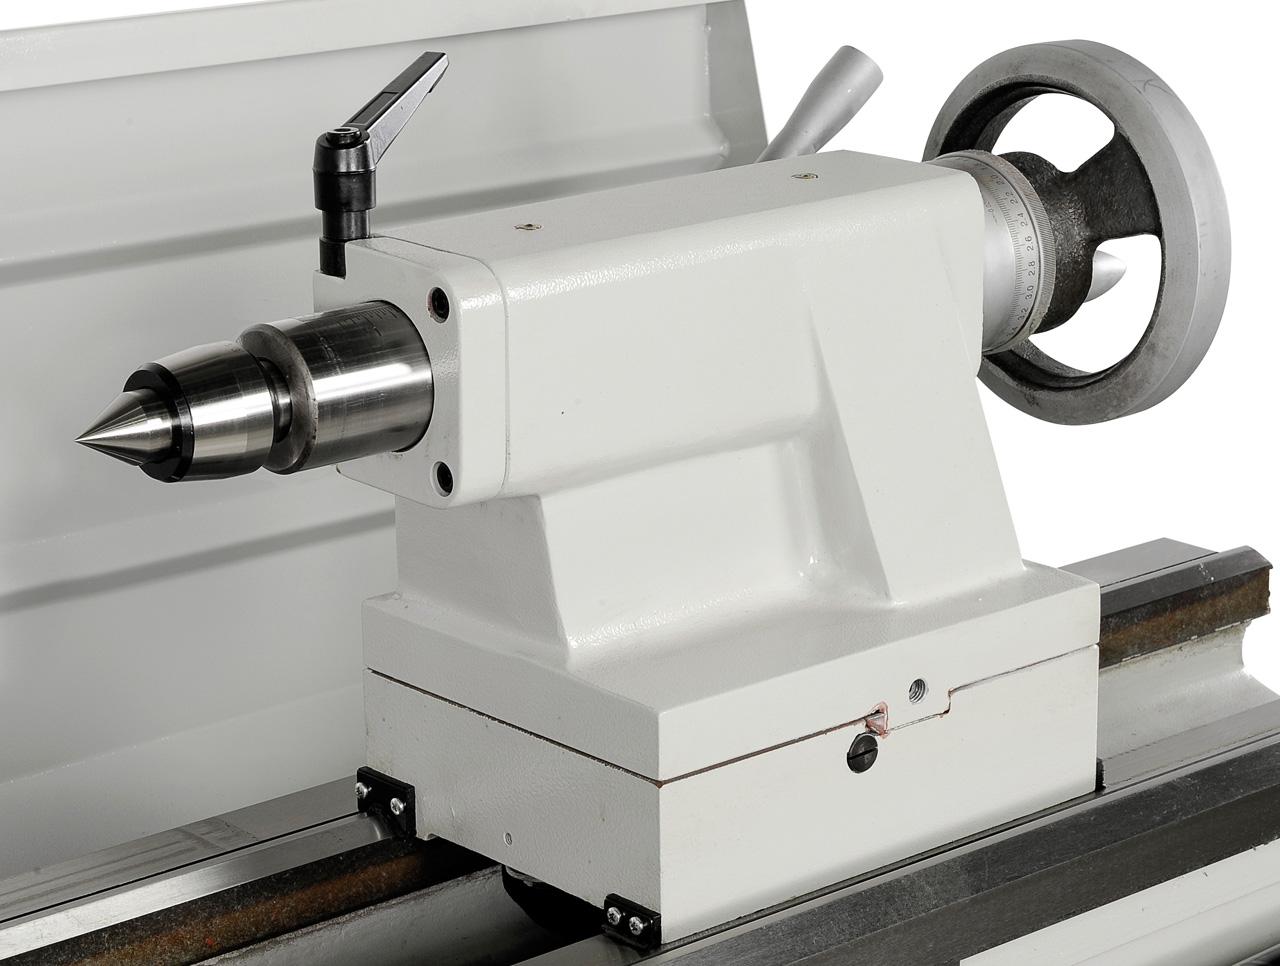 Der robuste Reitstock mit Pinolenaufnahme MK 4 kann zum Kegeldrehen verstellt werden.